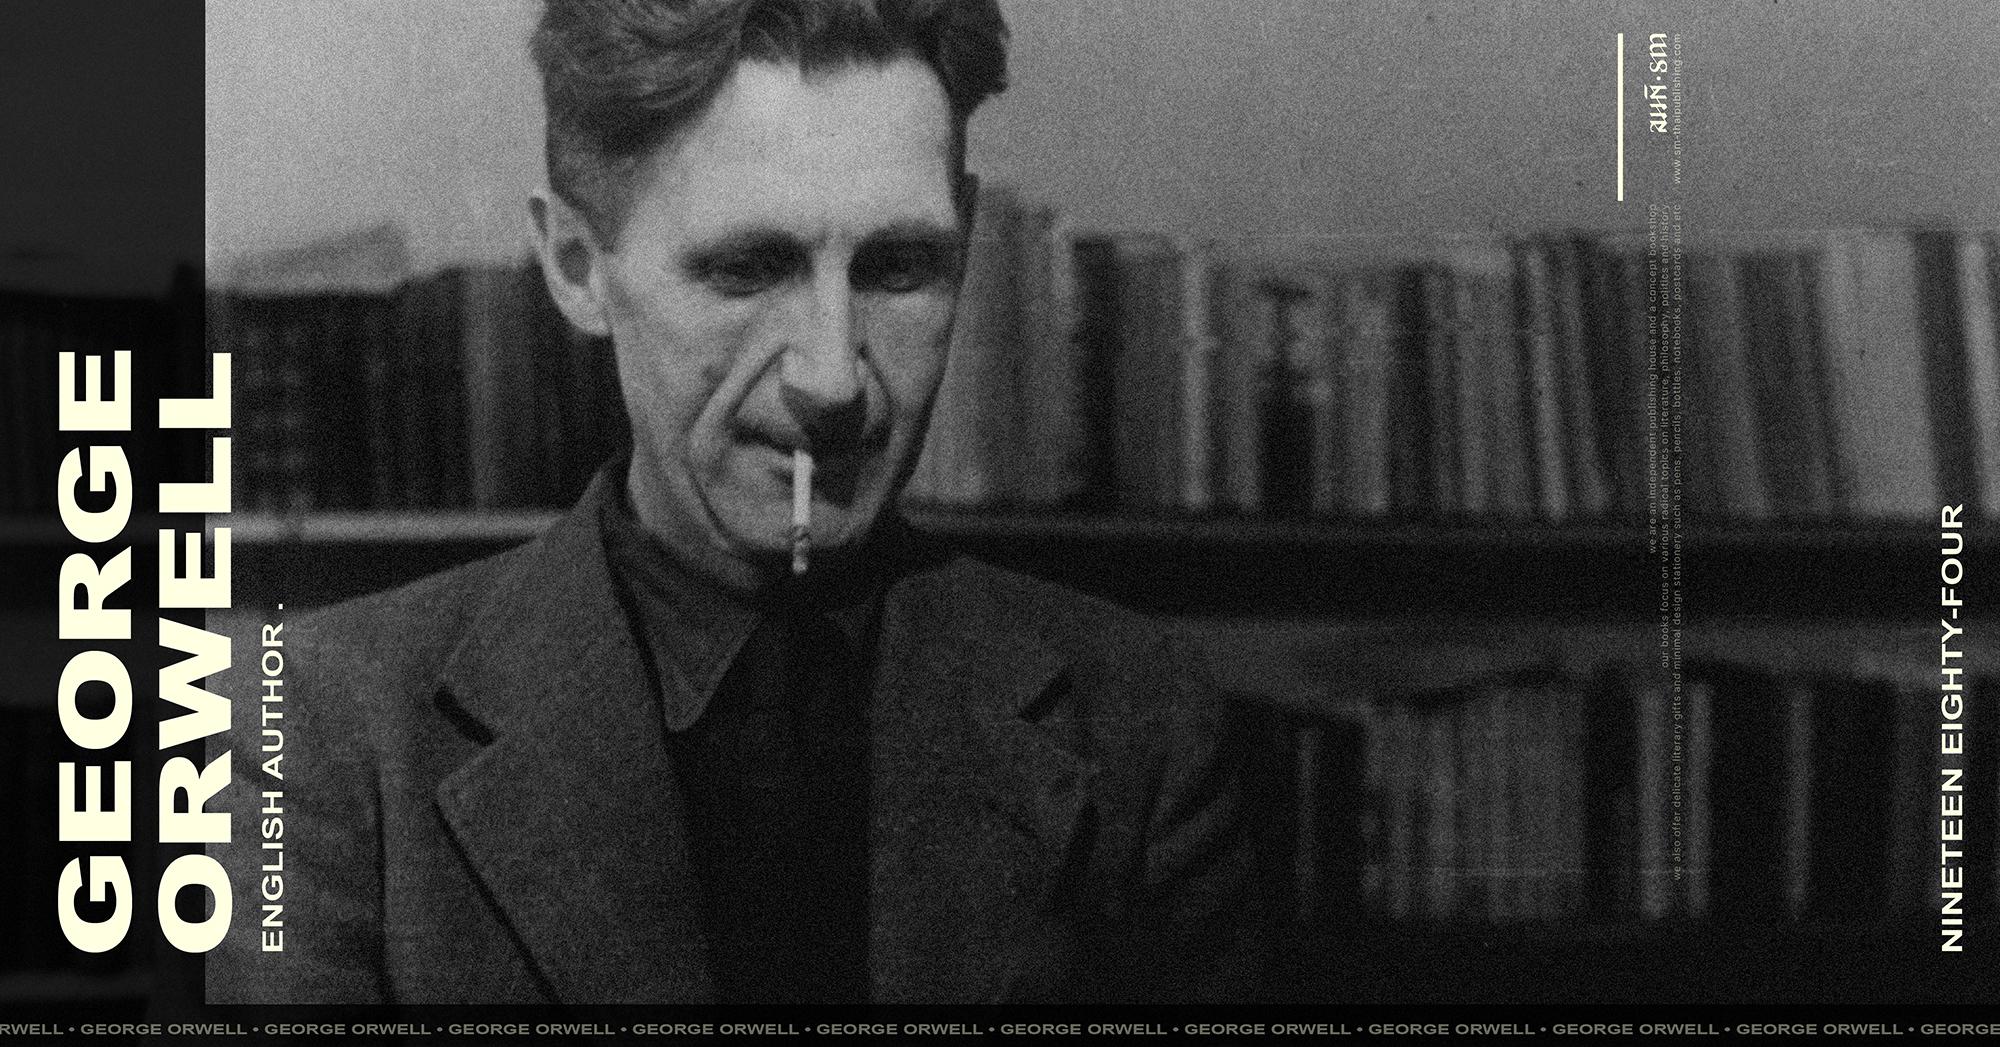 จอร์จ ออร์เวลล์ (George Orwell) English Author